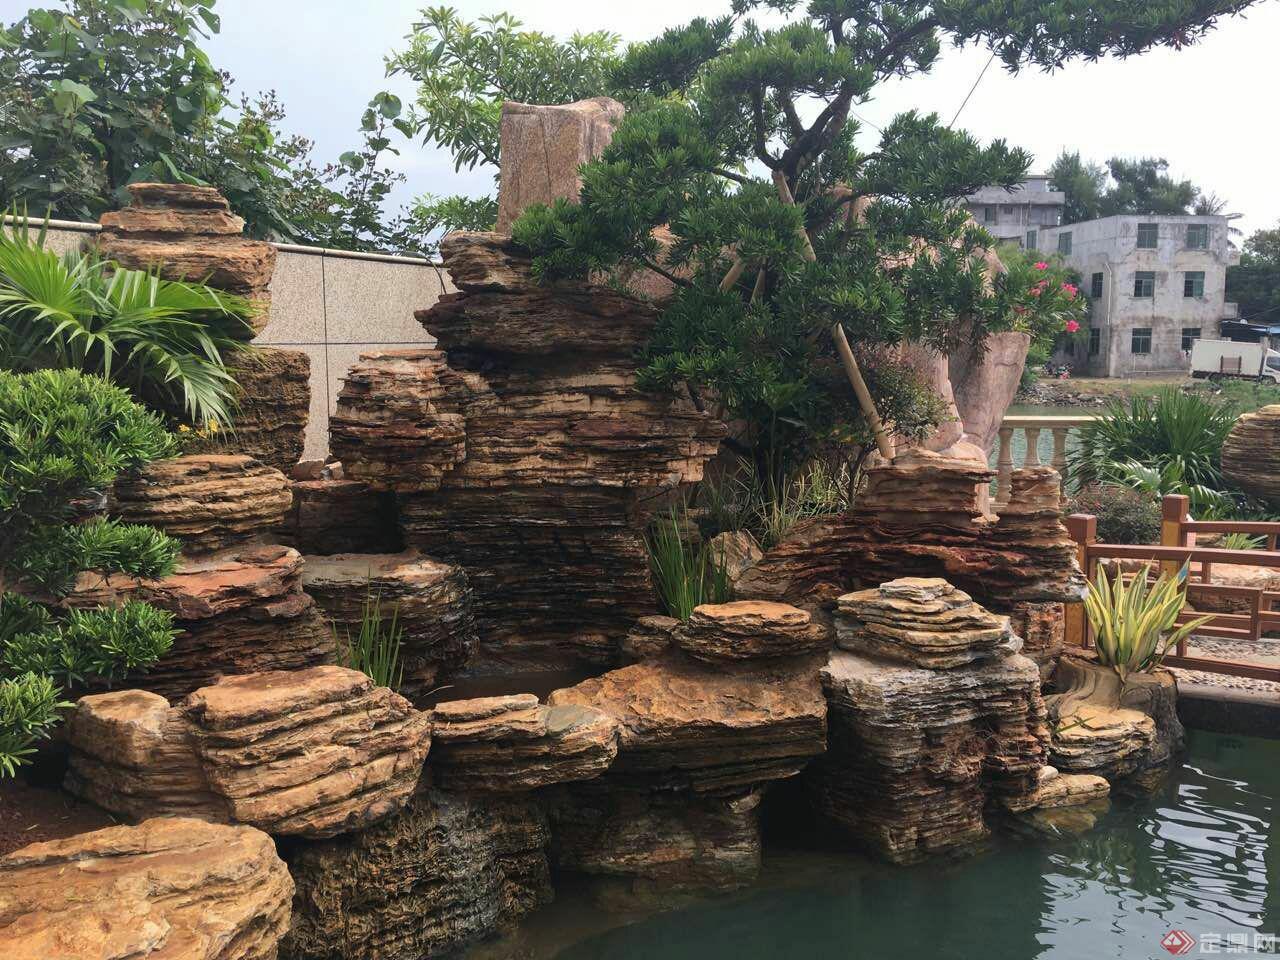 千层石假山庭院 驳岸